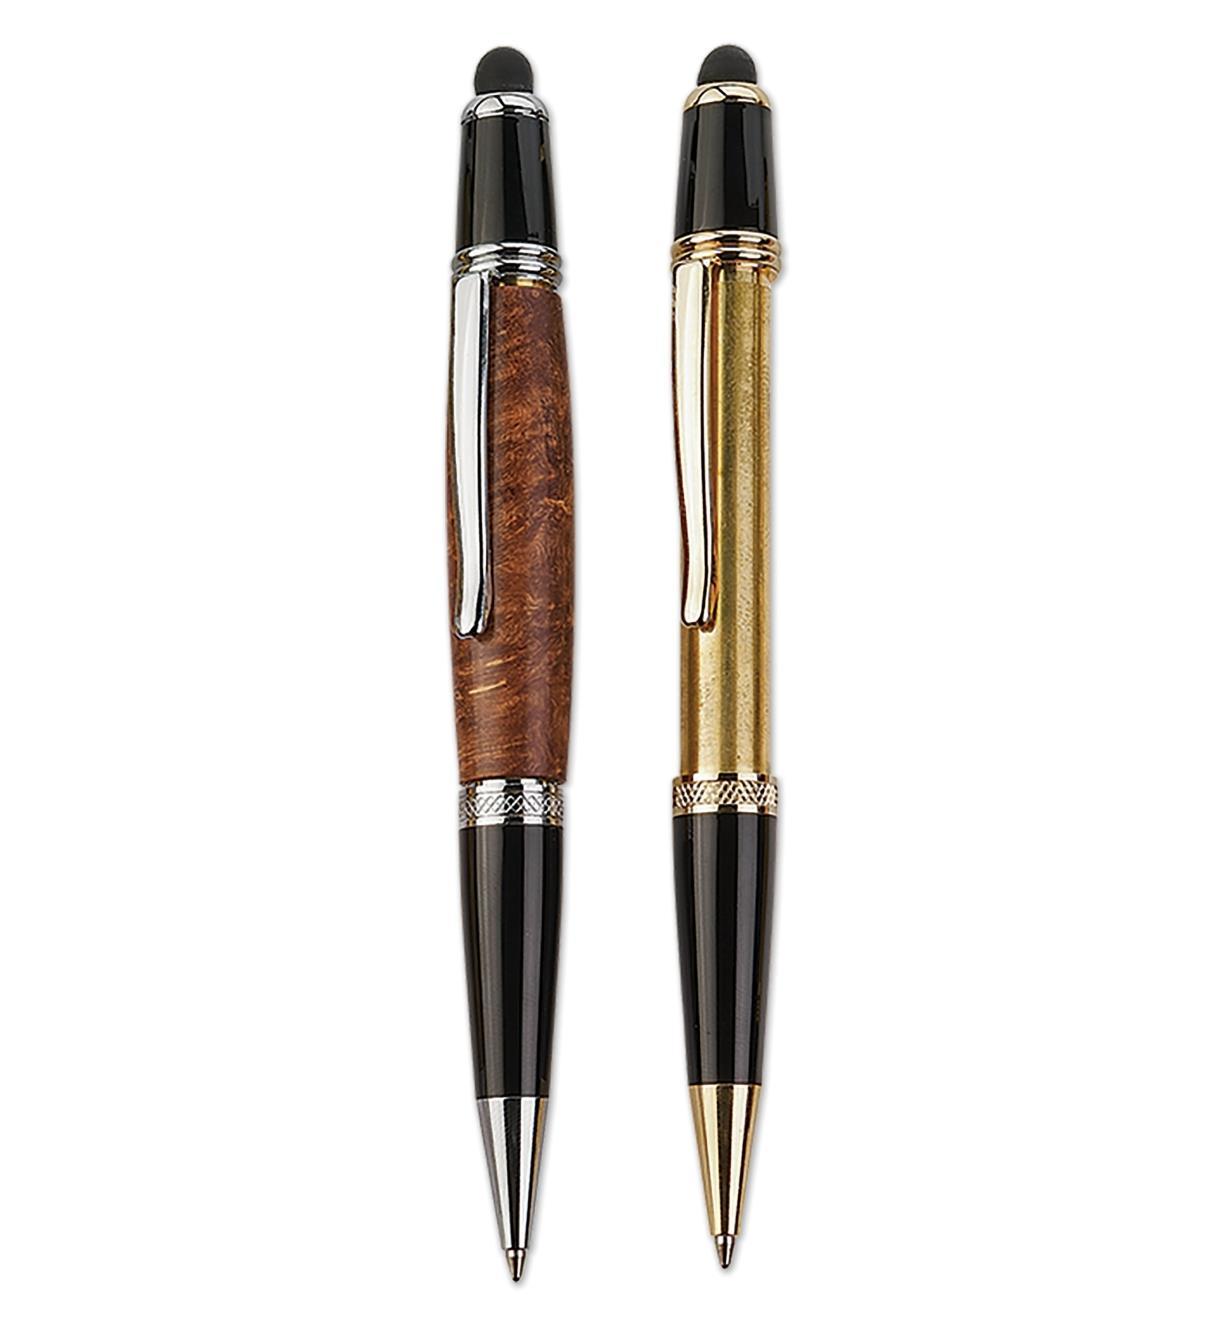 Sierra Stylus Pen Hardware